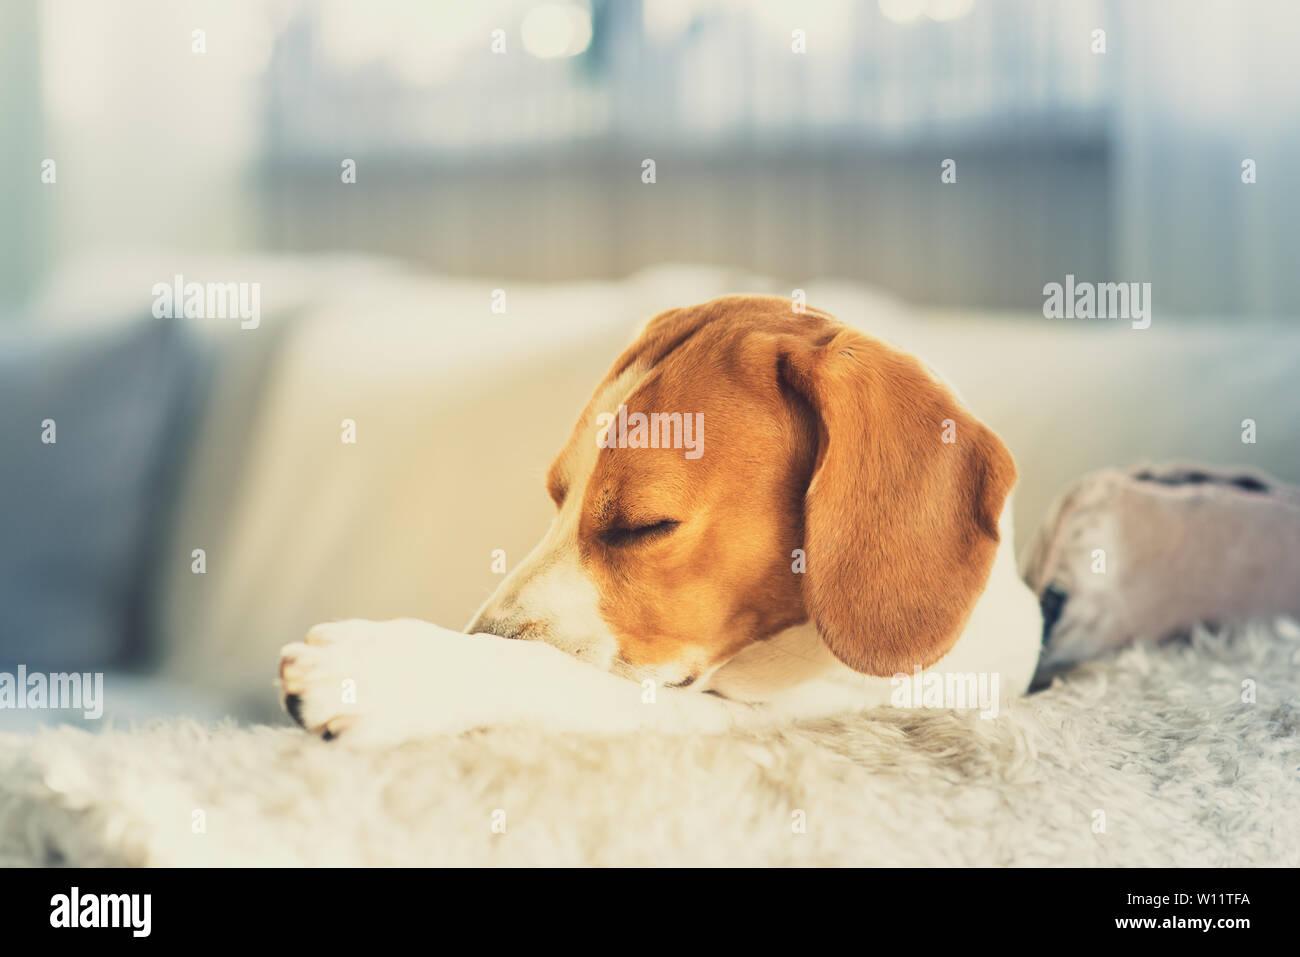 Sleeping Dog Stock Photos & Sleeping Dog Stock Images - Page